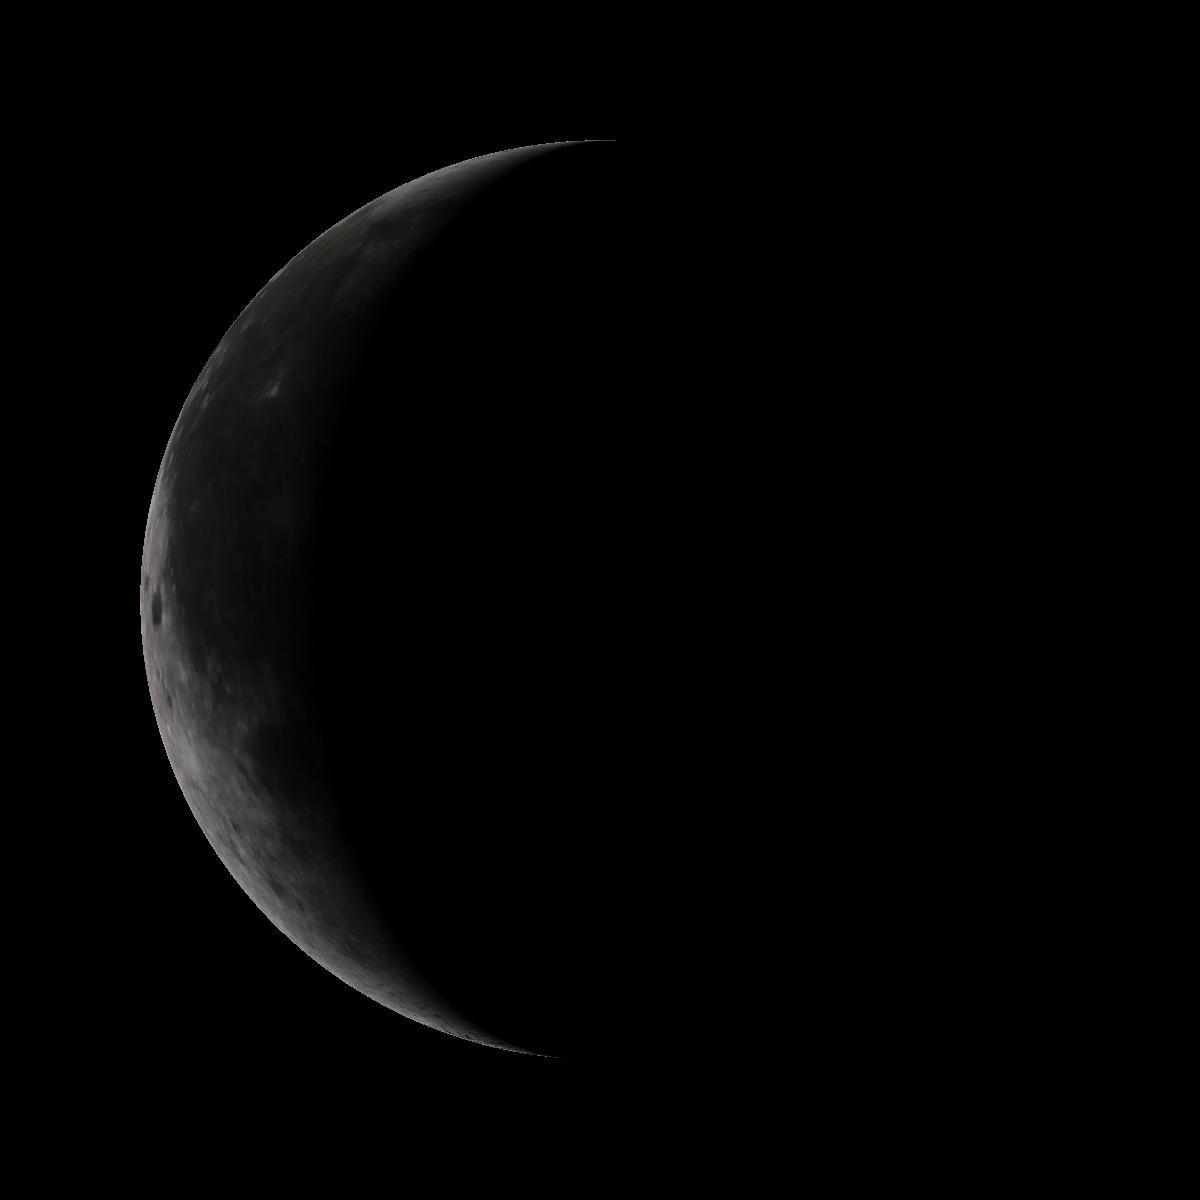 Lune du 19 février 2020